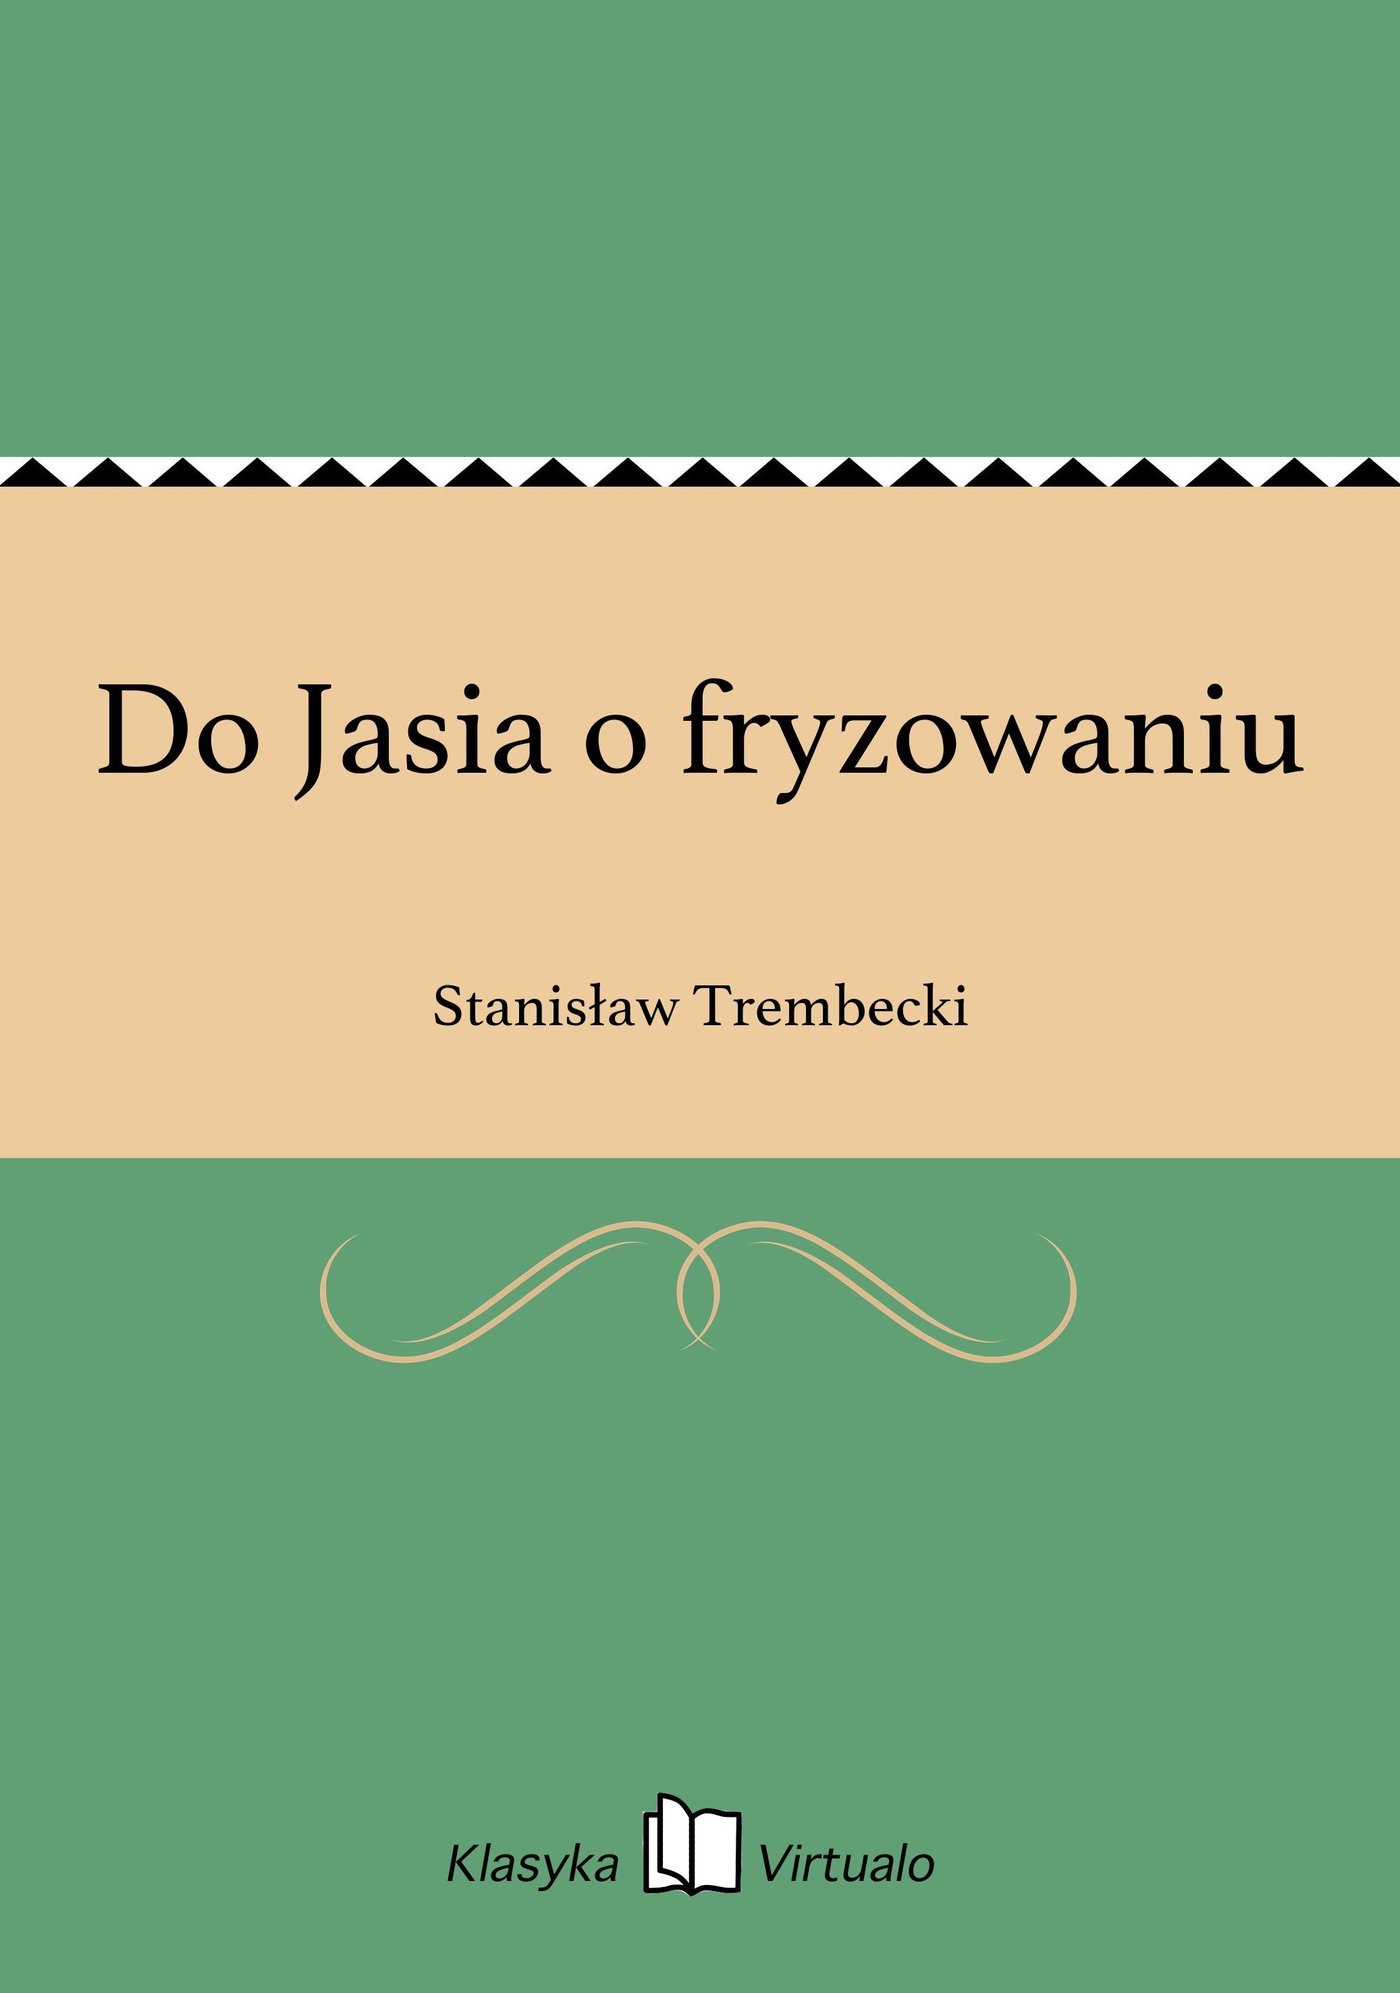 Do Jasia o fryzowaniu - Ebook (Książka EPUB) do pobrania w formacie EPUB